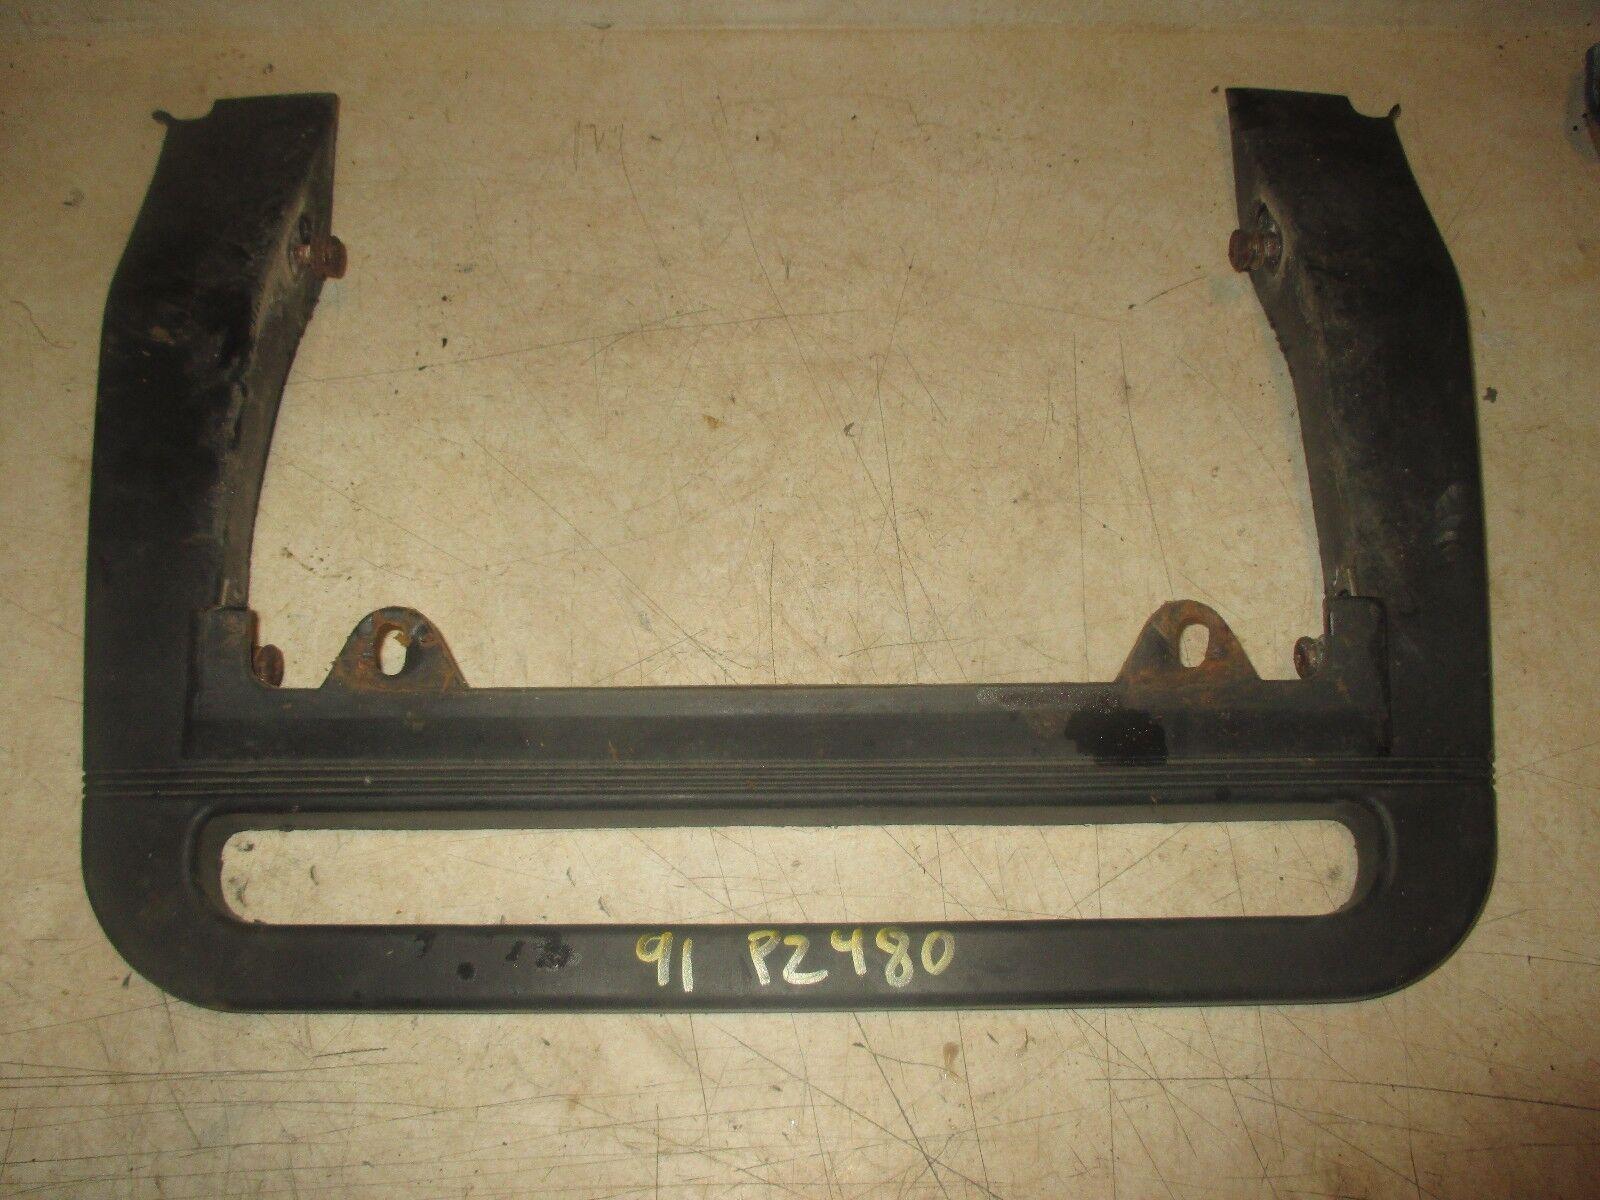 91 92 Rear bumper assembly '84-'98 Yamaha Phazer II Venture 480 88X-77541-00-00